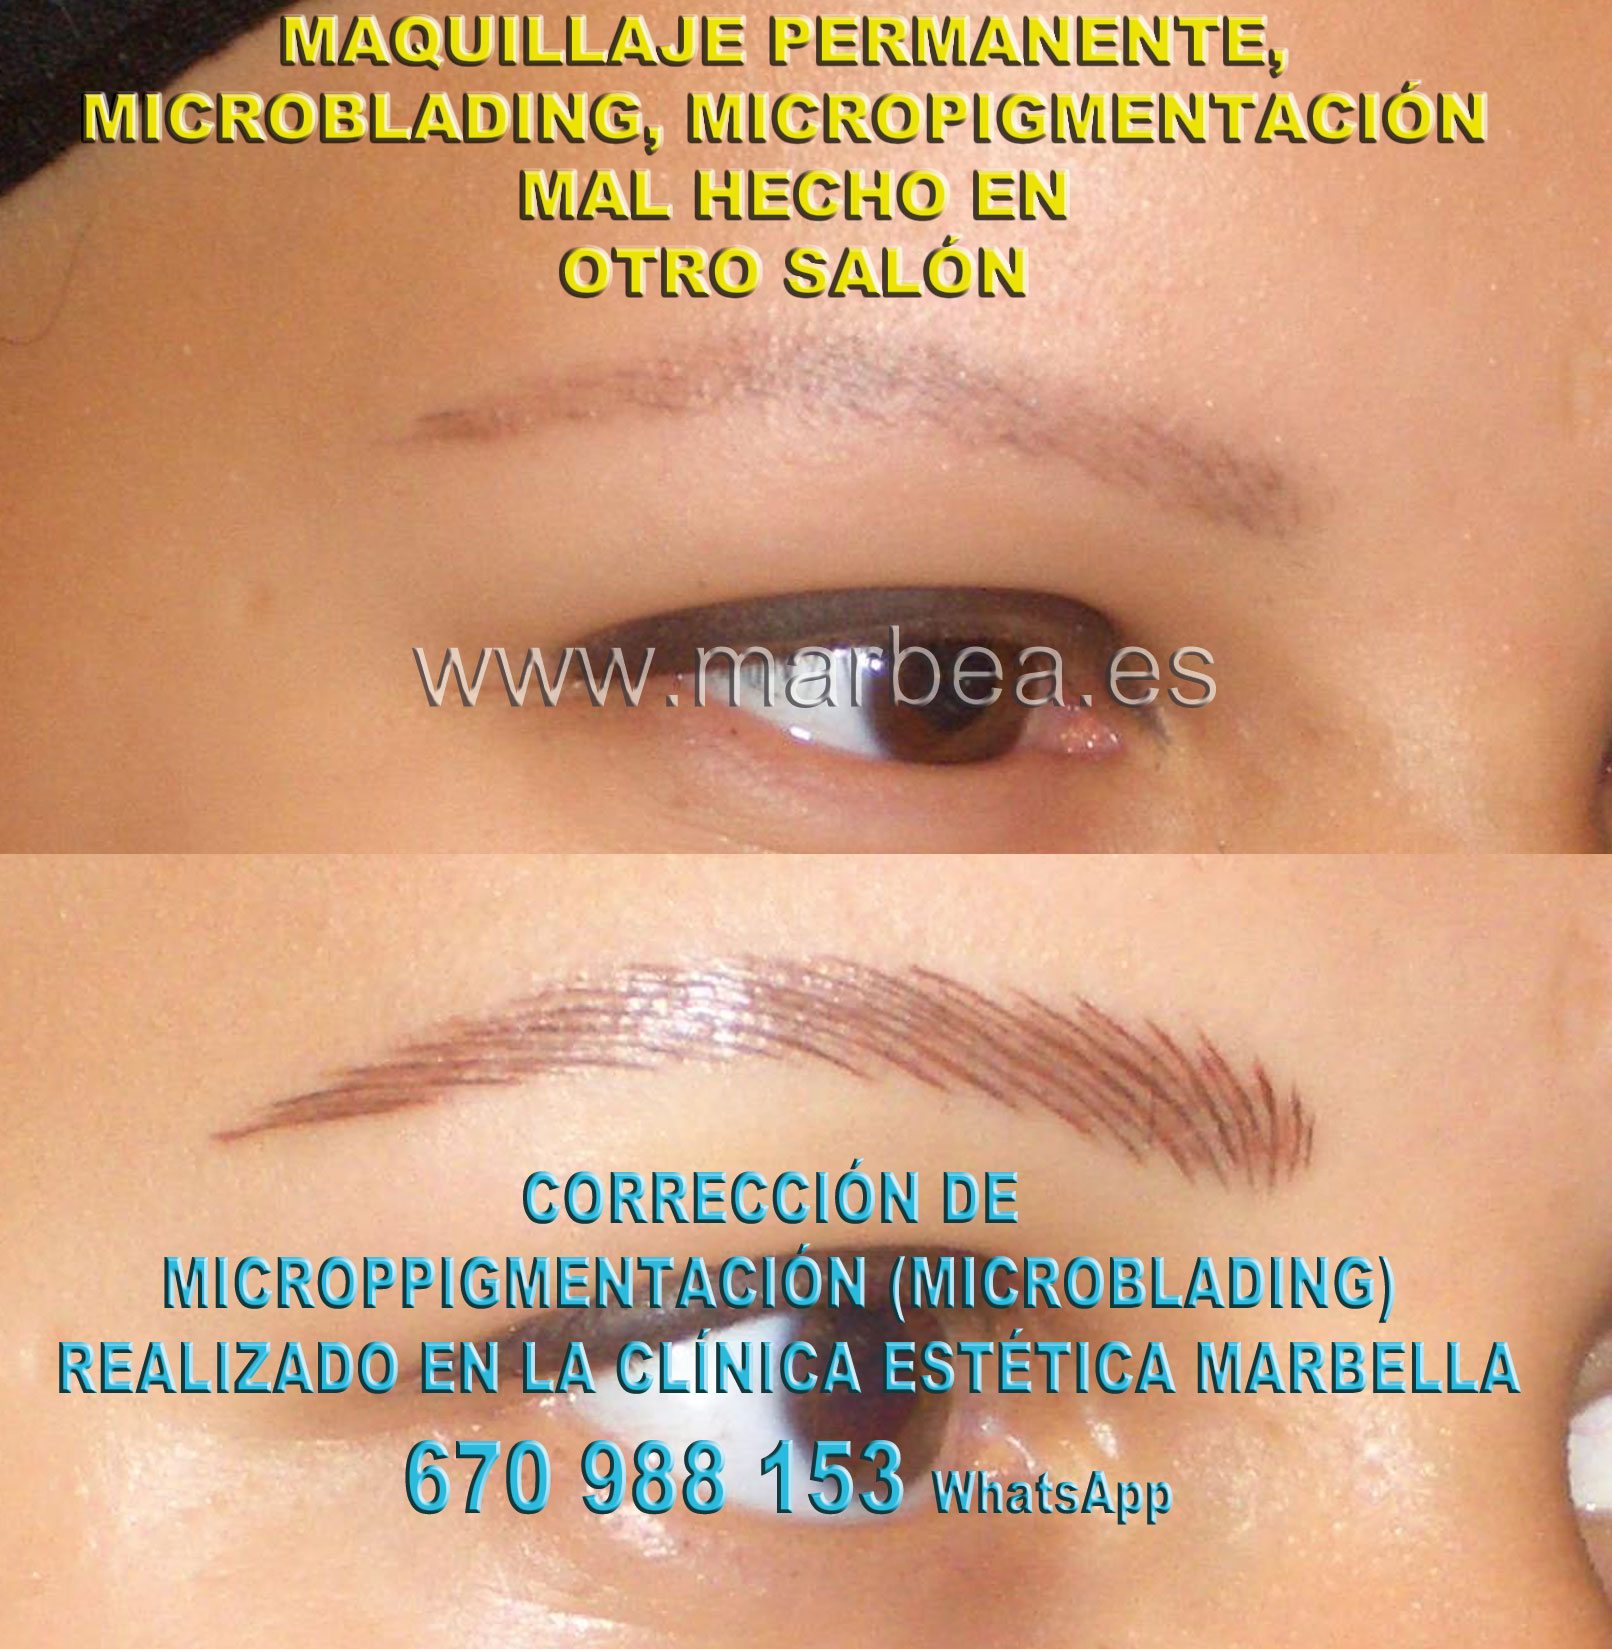 ELIMINAR MICROBLADING CEJAS clínica estética microblading ofrenda como aclarar la micropigmentación cejas,corregir micropigmentación mal hecha